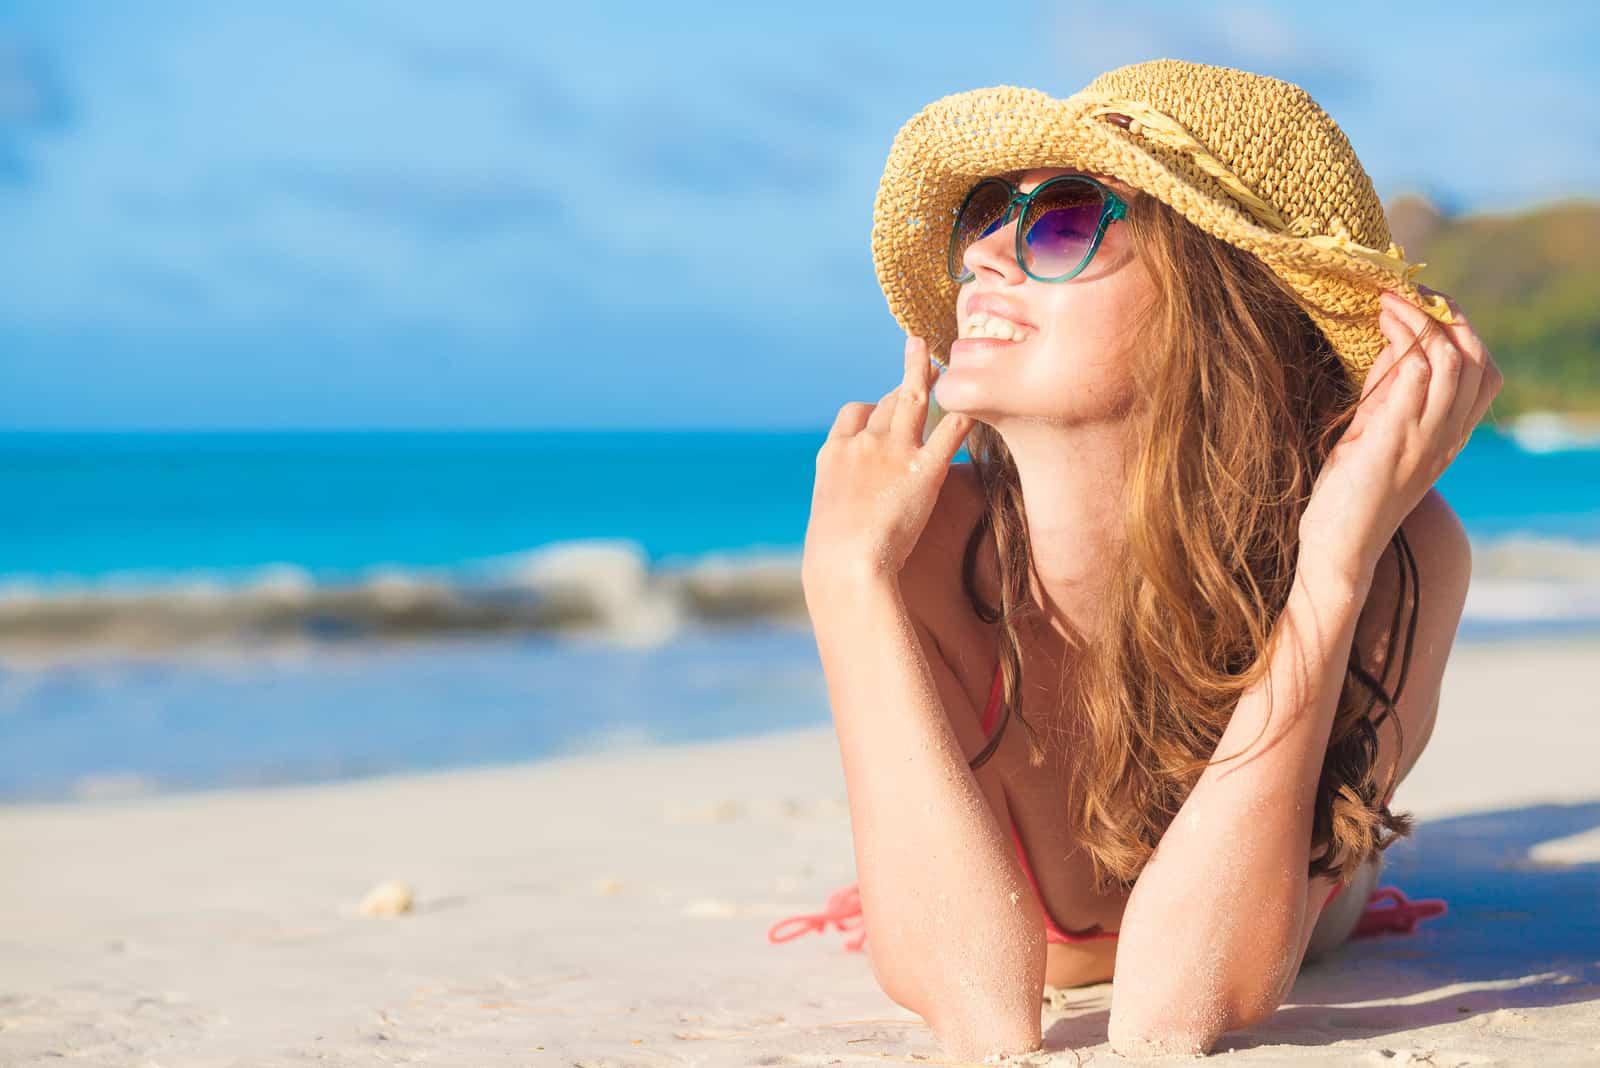 eine lächelnde Frau mit Hut auf dem Kopf liegt am Strand